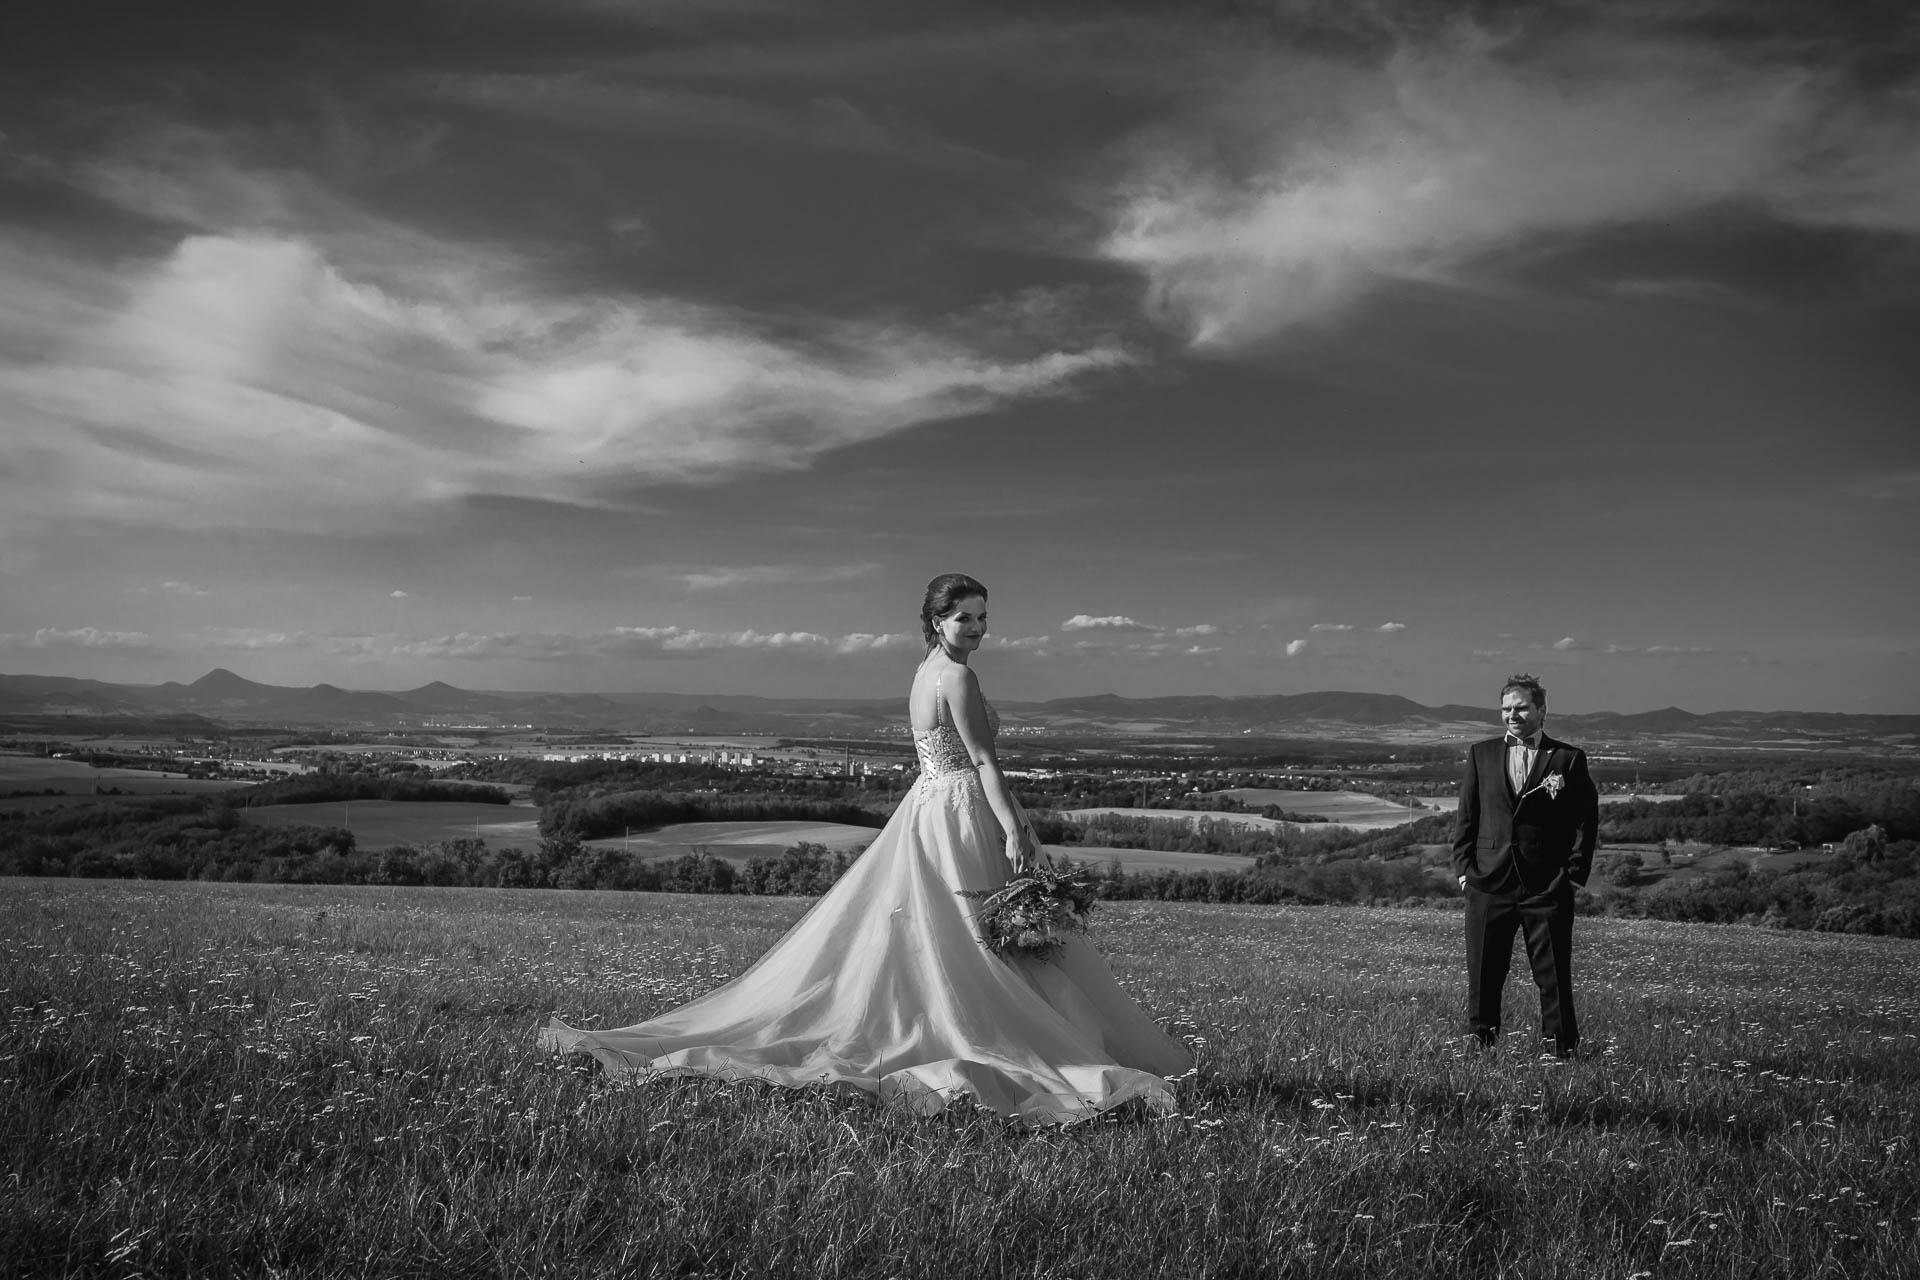 svatební-fotografie-Říp-svatební-video-ŘÍP-svatební-fotograf-ŘÍP-svatba-Mělník-svatba-Neratovice-fotograf-na-savtbu-kameraman-na-svatbu-342